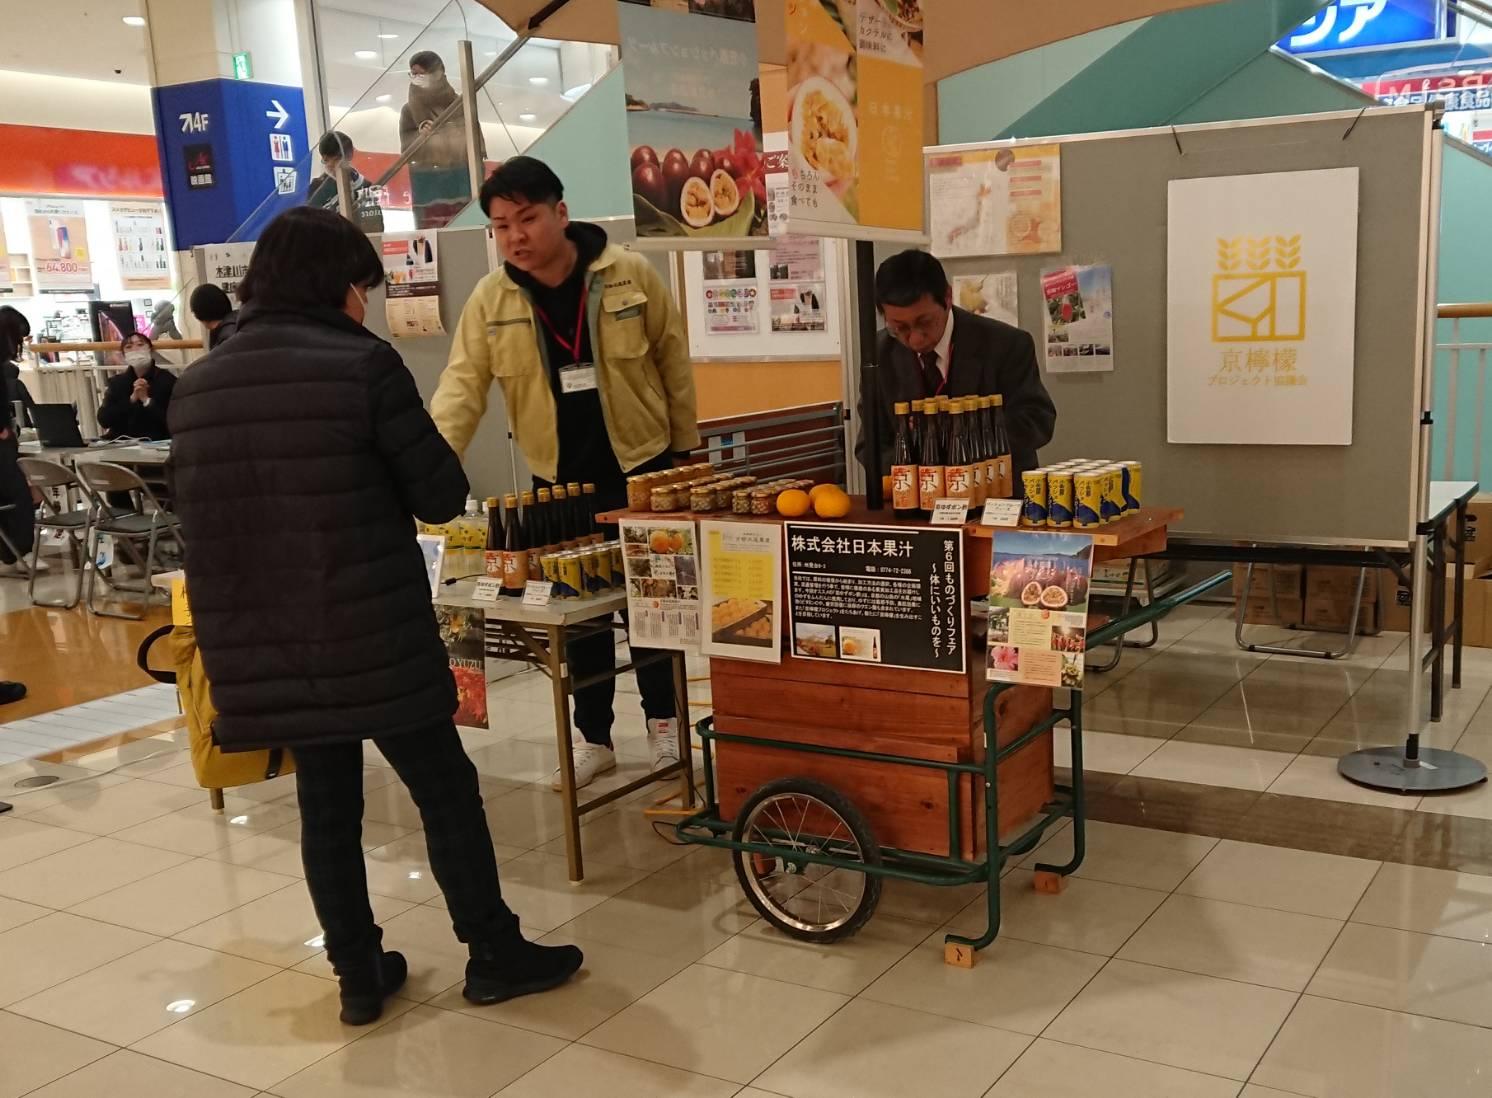 第6回 木津川市ものづくりフェアに出展しました。